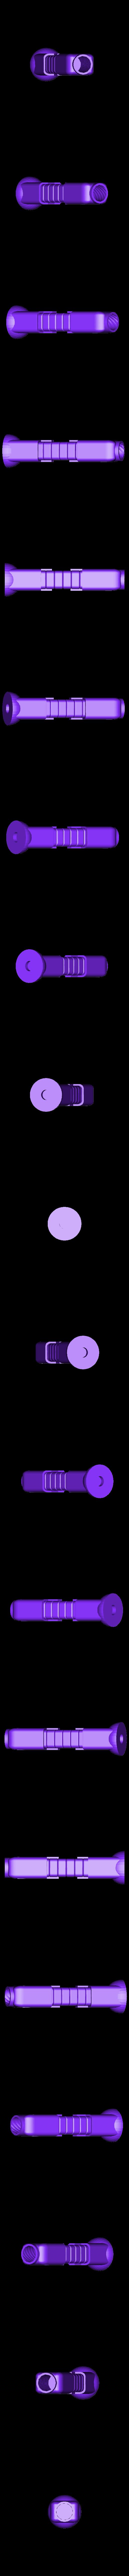 energy cannon for assault gun .stl Télécharger fichier STL Ork Tank / Canon d'assaut 28mm optimisé pour FDM Printing • Modèle pour imprimante 3D, redstarkits